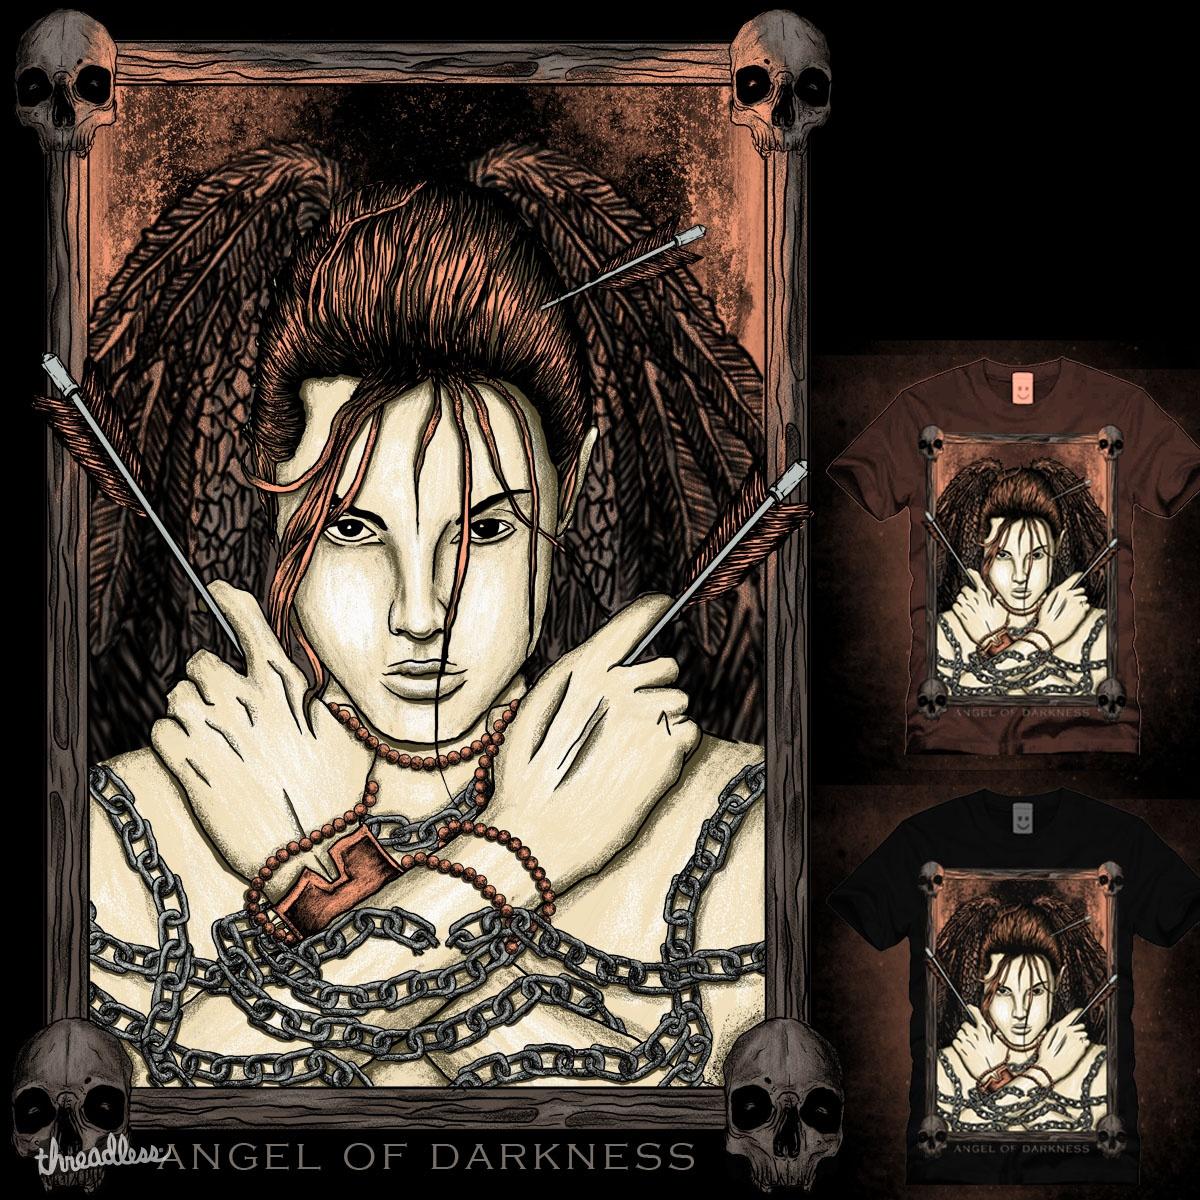 angel of darkness by gupikus on Threadless